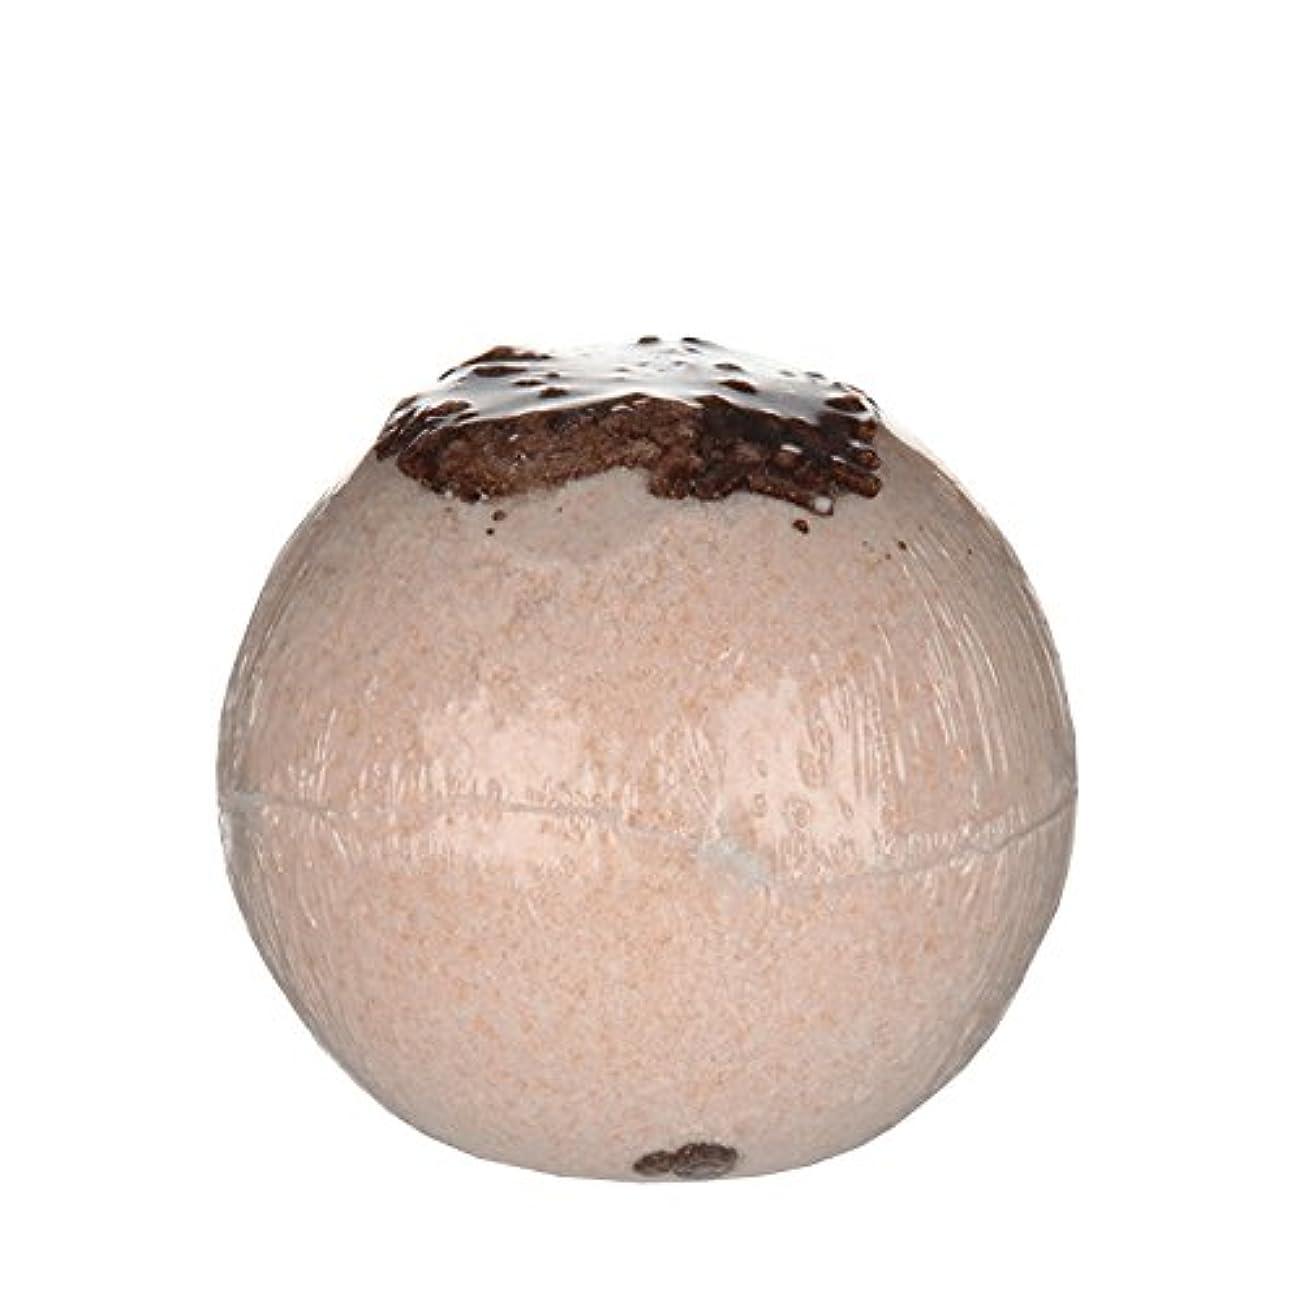 人形グラフィックリベラルTreets Bath Ball Coconut Chocolate 170g (Pack of 2) - Treetsバスボールココナッツチョコレート170グラム (x2) [並行輸入品]